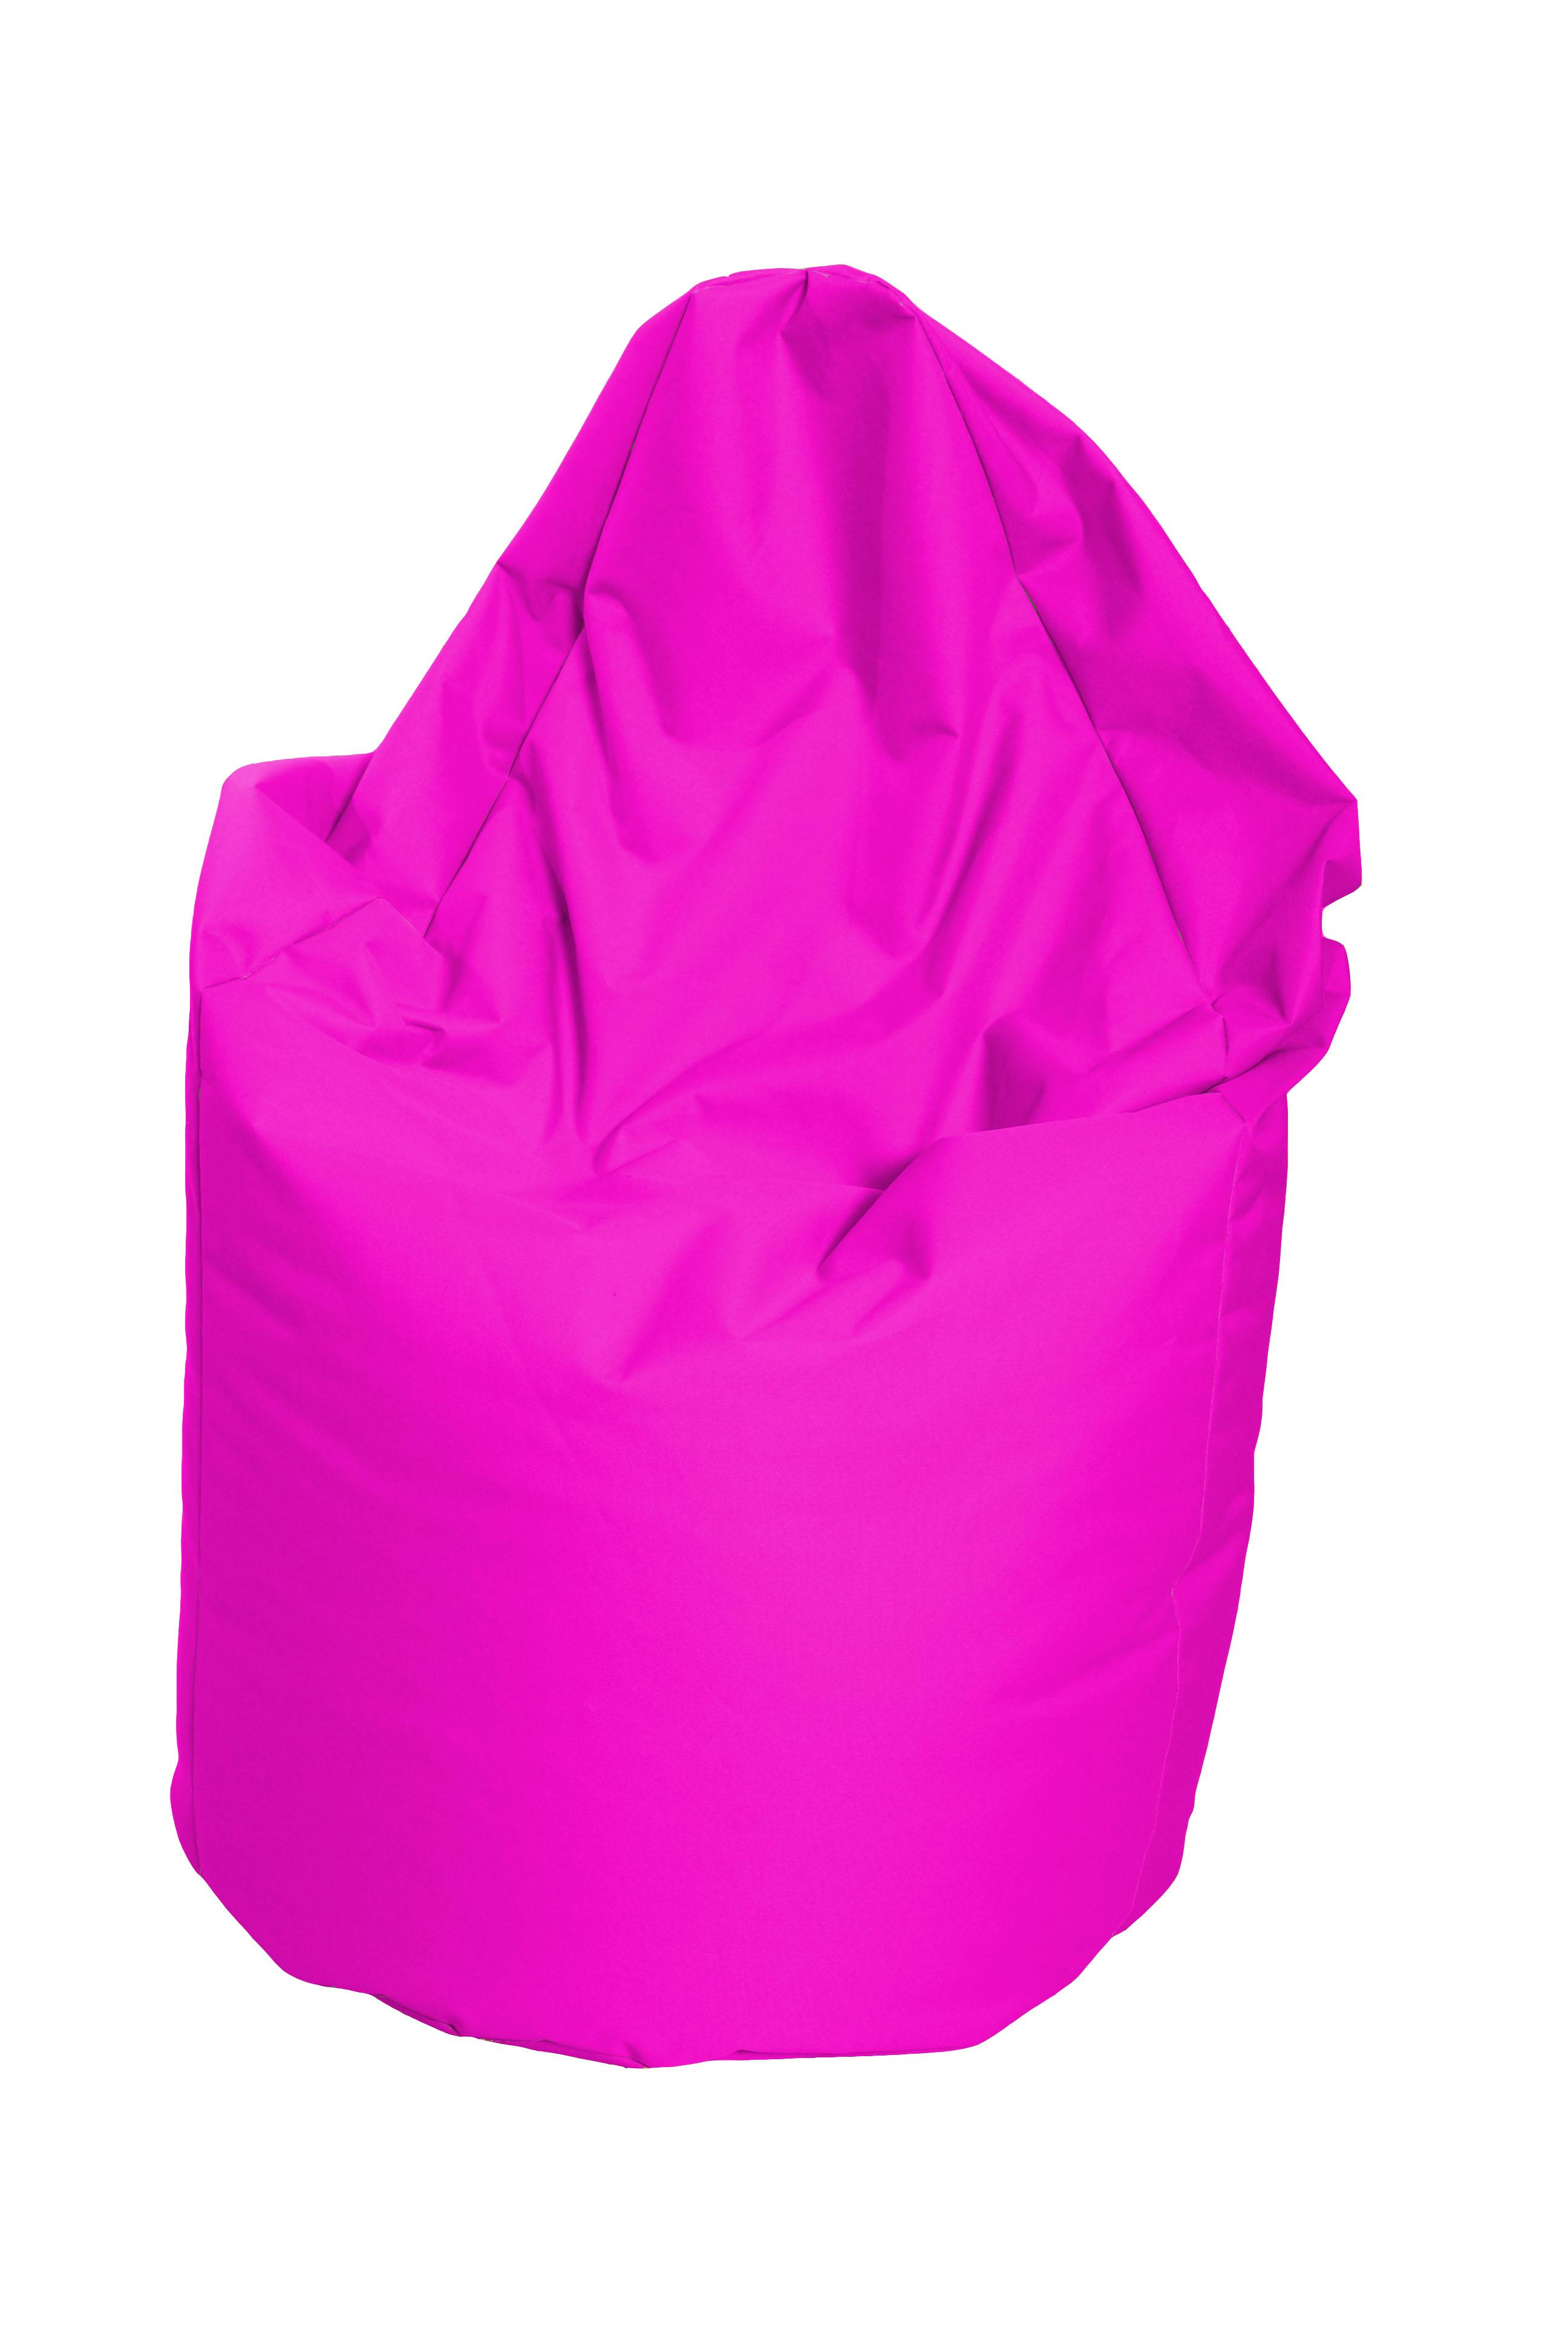 M&M sedací vak hruška Mega, vnitřní obal 140x80cm růžová (růžová 41194)